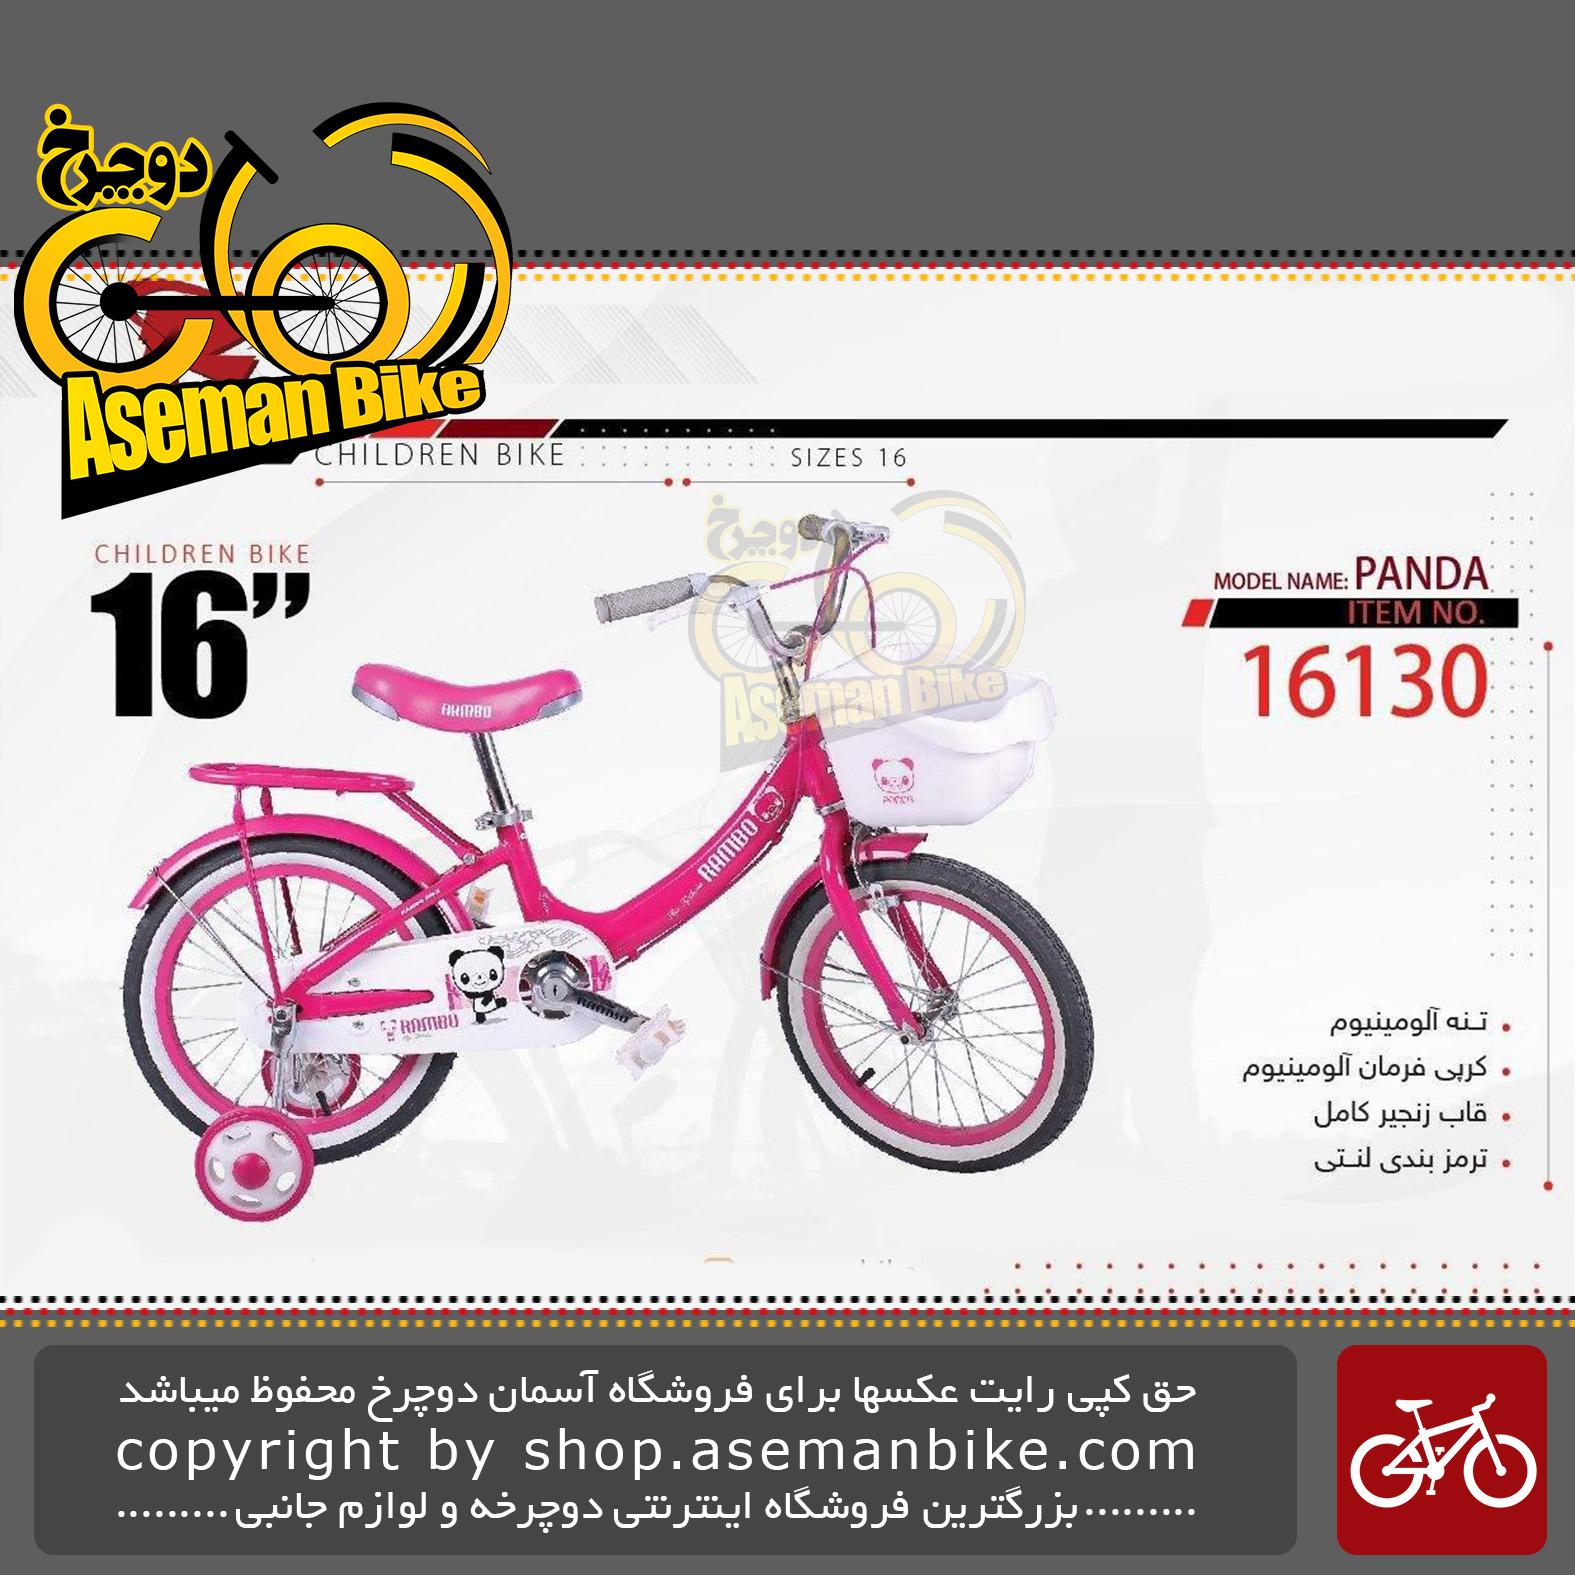 دوچرخه دخترانه بچگانه رامبو سایز 16 مدل پاندا 16130 RAMBO Bicycle Children Bike Size 16 Model 16130